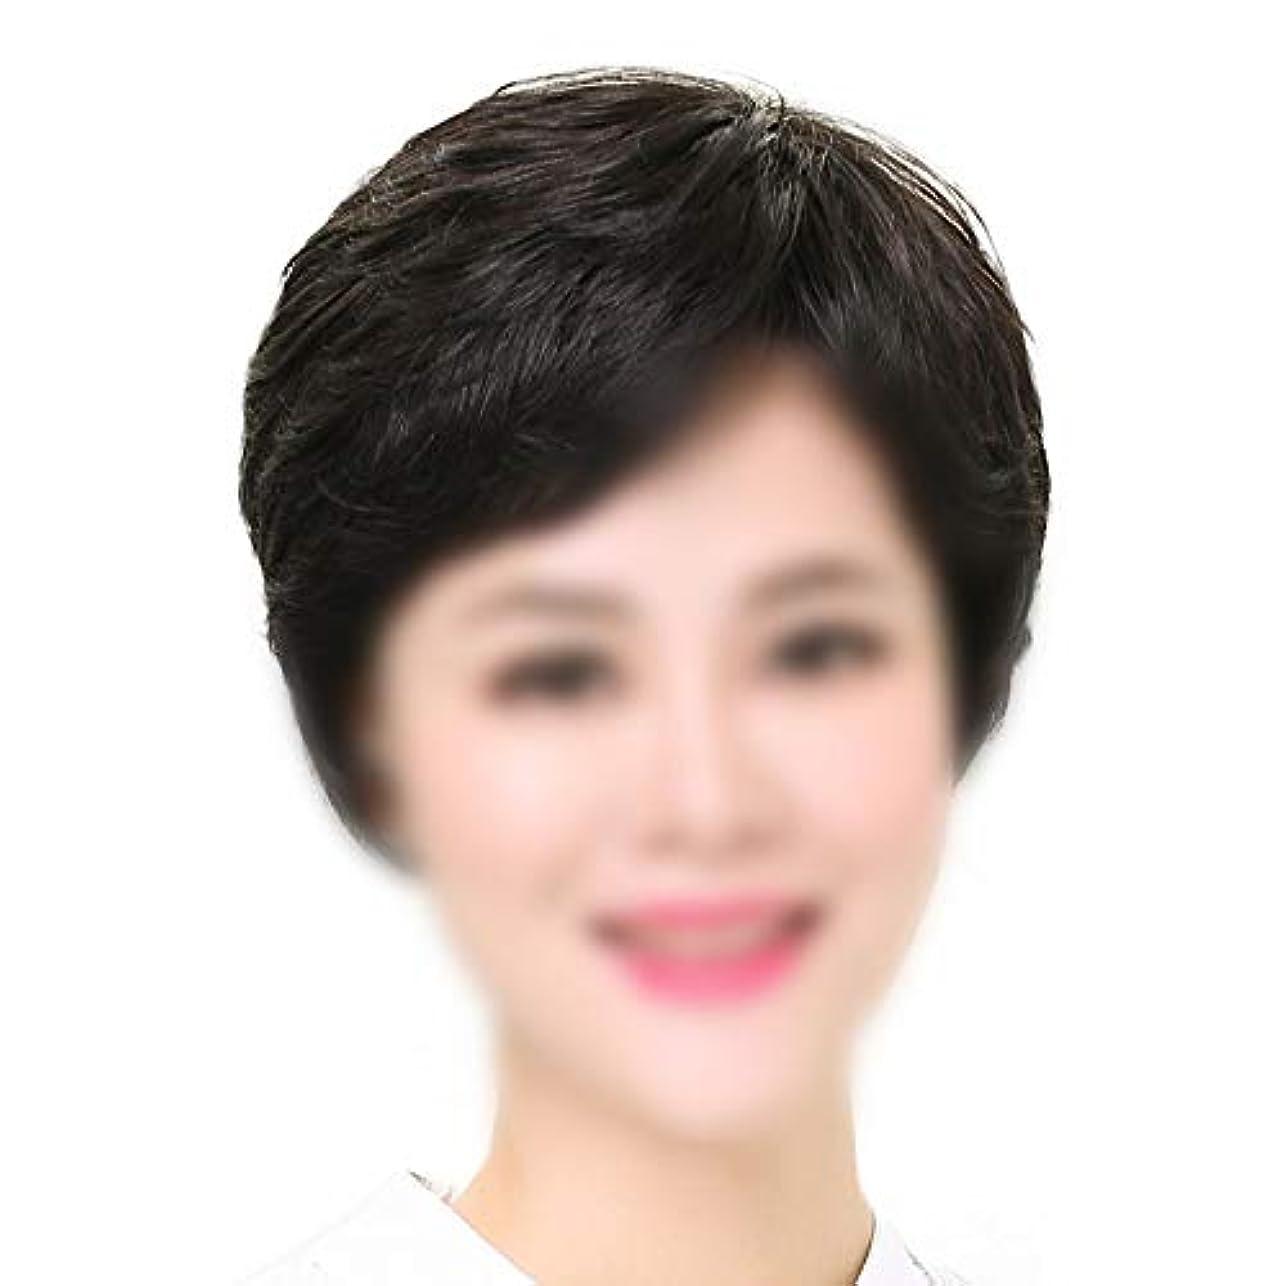 リンクなんでも外出YOUQIU フル手織り女性の自然な人間の髪マイクロ波ショートヘアウィッグかつら中年 (色 : Natural black, サイズ : Hand-needle)